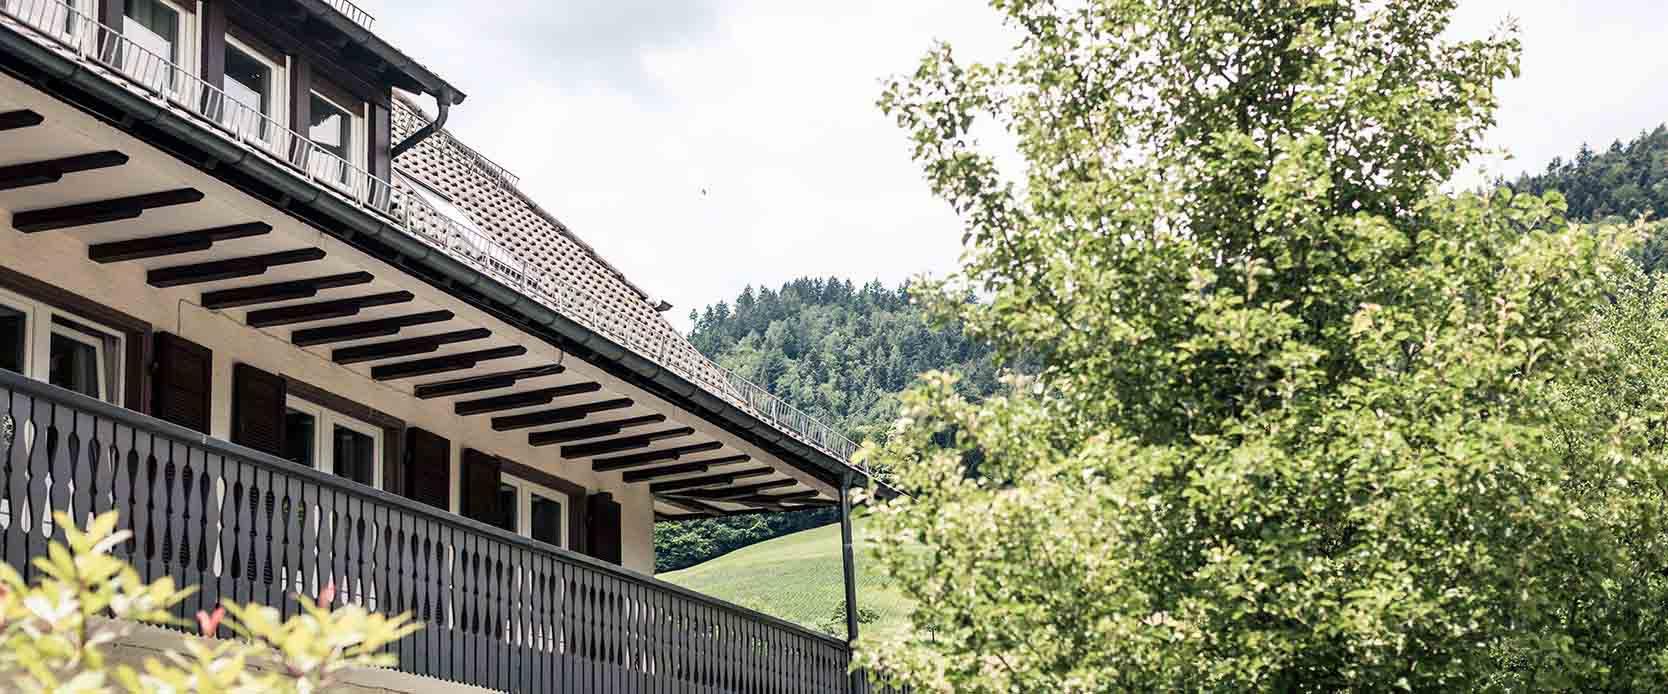 Unser Haus mit Balkon der MEDIAN Franz-Alexander-Klinik Nordrach